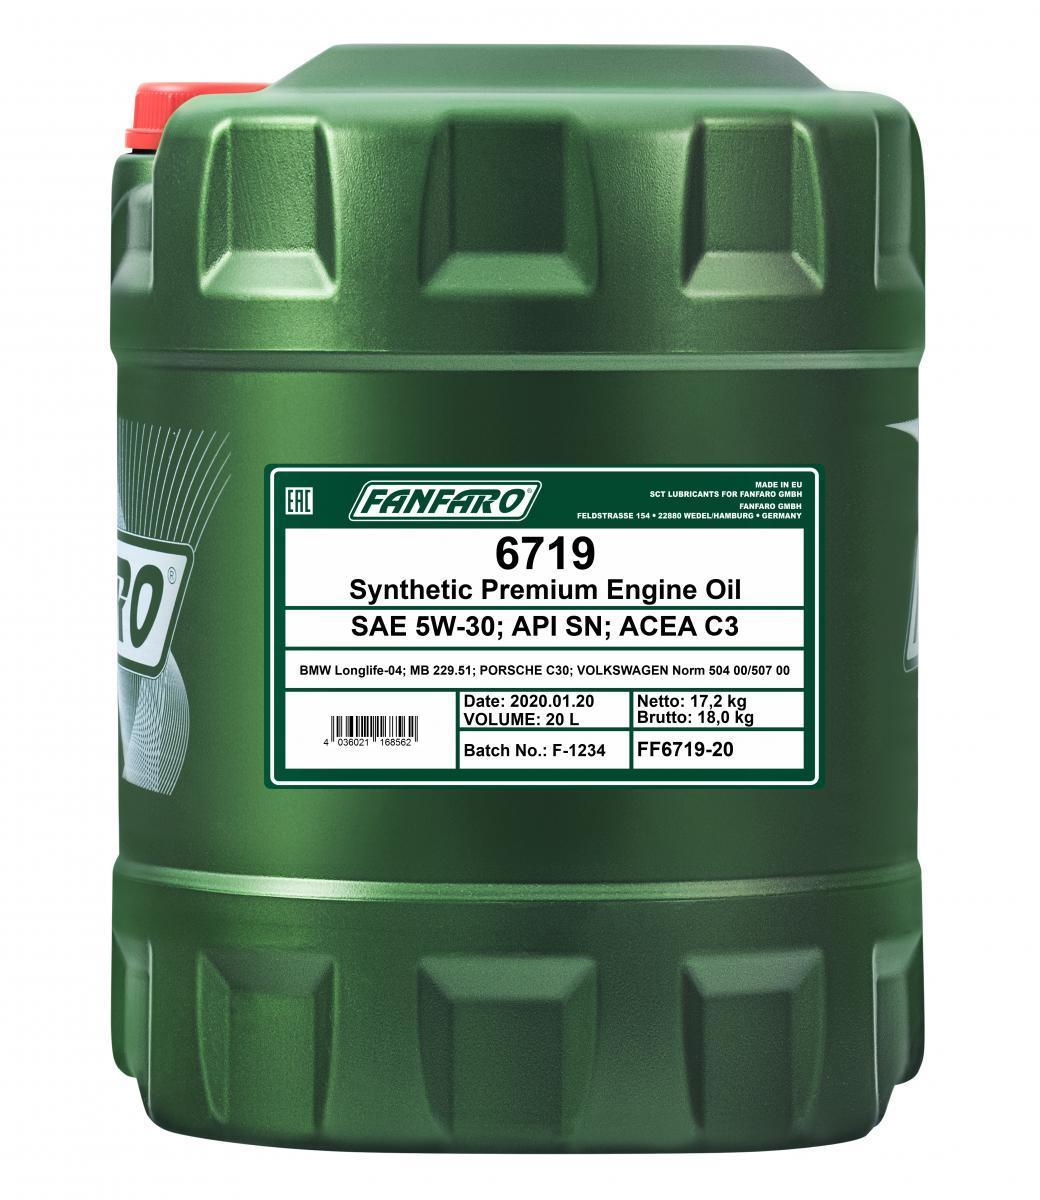 Olje til bil FF6719-20